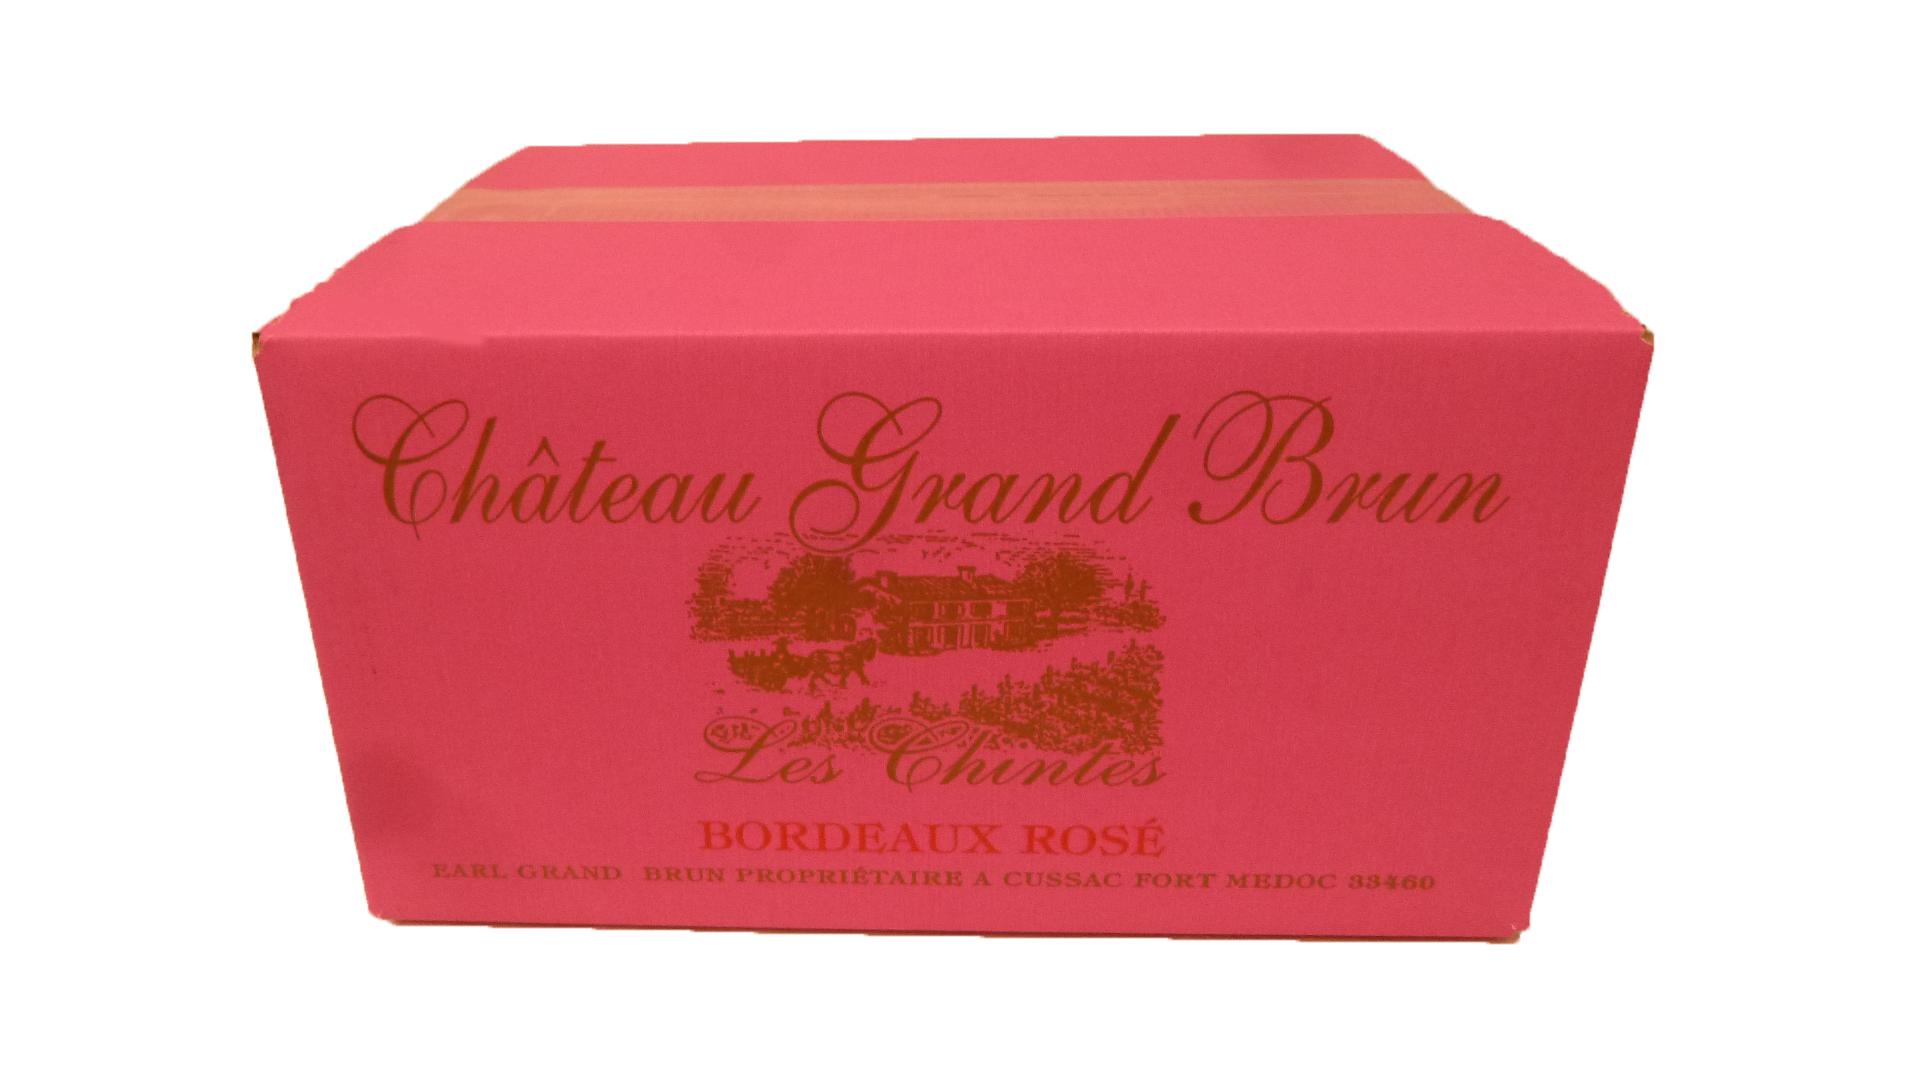 carton de rosé